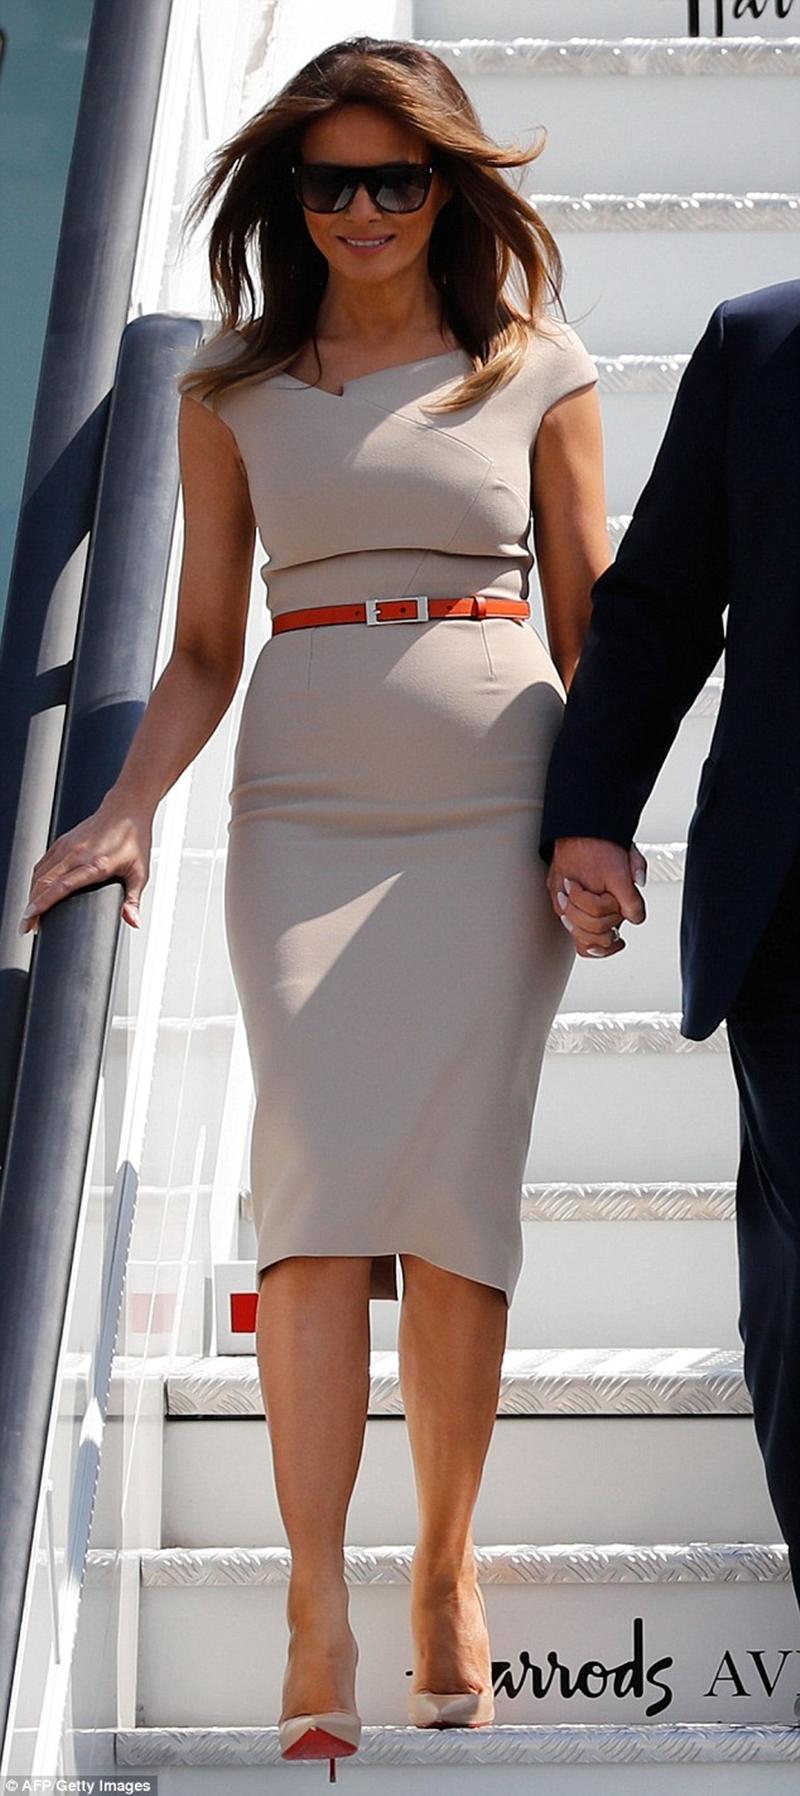 Thiết kế mà bà Trump diện là một bộ đầm liền của nhà mốt Roland Mouret trị giá khoảng 1400 USD (tương đương 31 triệu đồng).